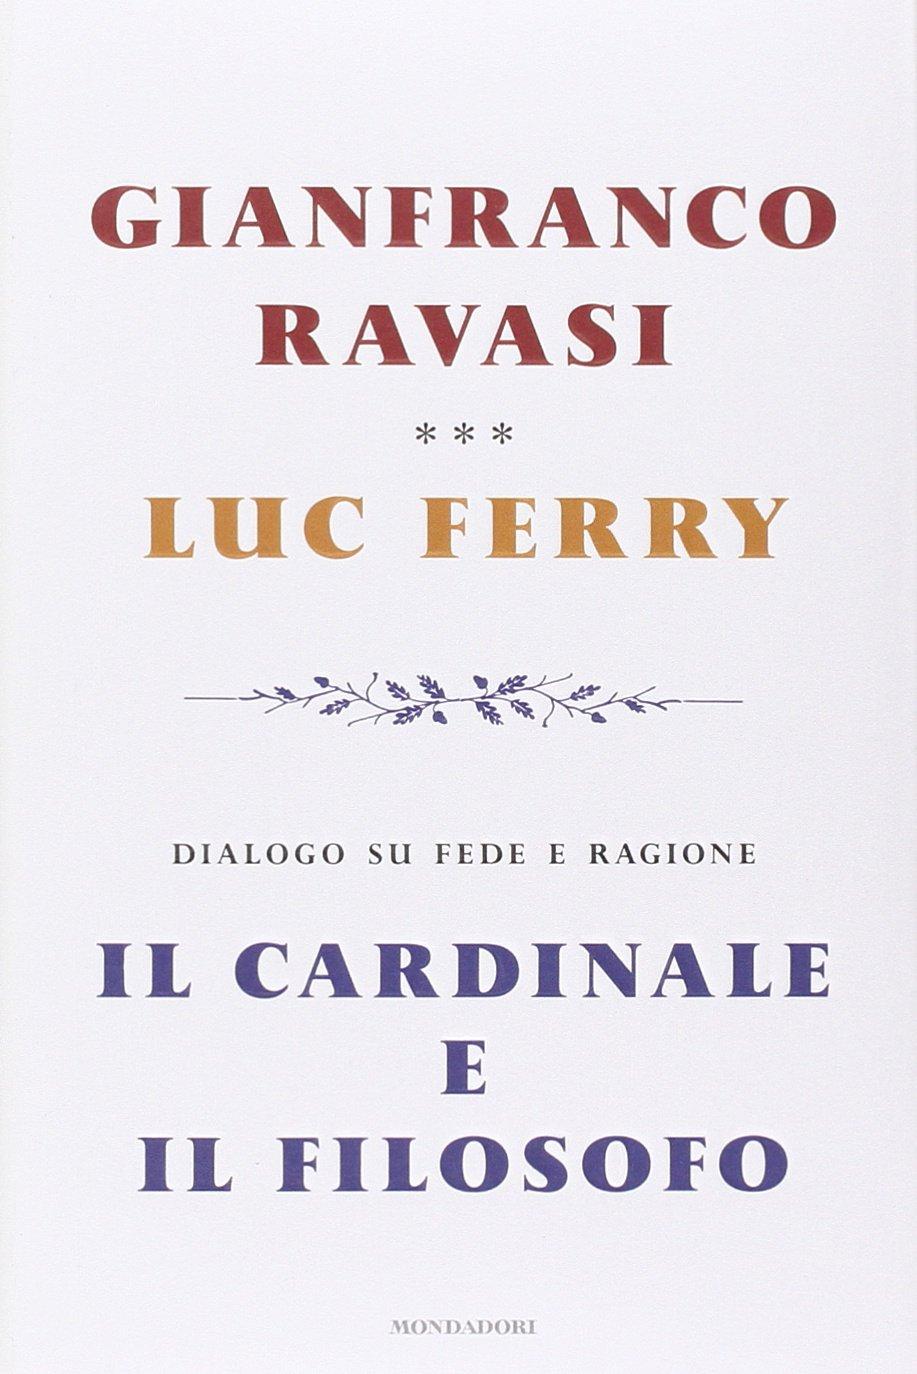 Il cardinale e il filosofo. Dialogo su fede e ragione Copertina rigida – 4 mar 2014 Gianfranco Ravasi Luc Ferry G. Sias Mondadori